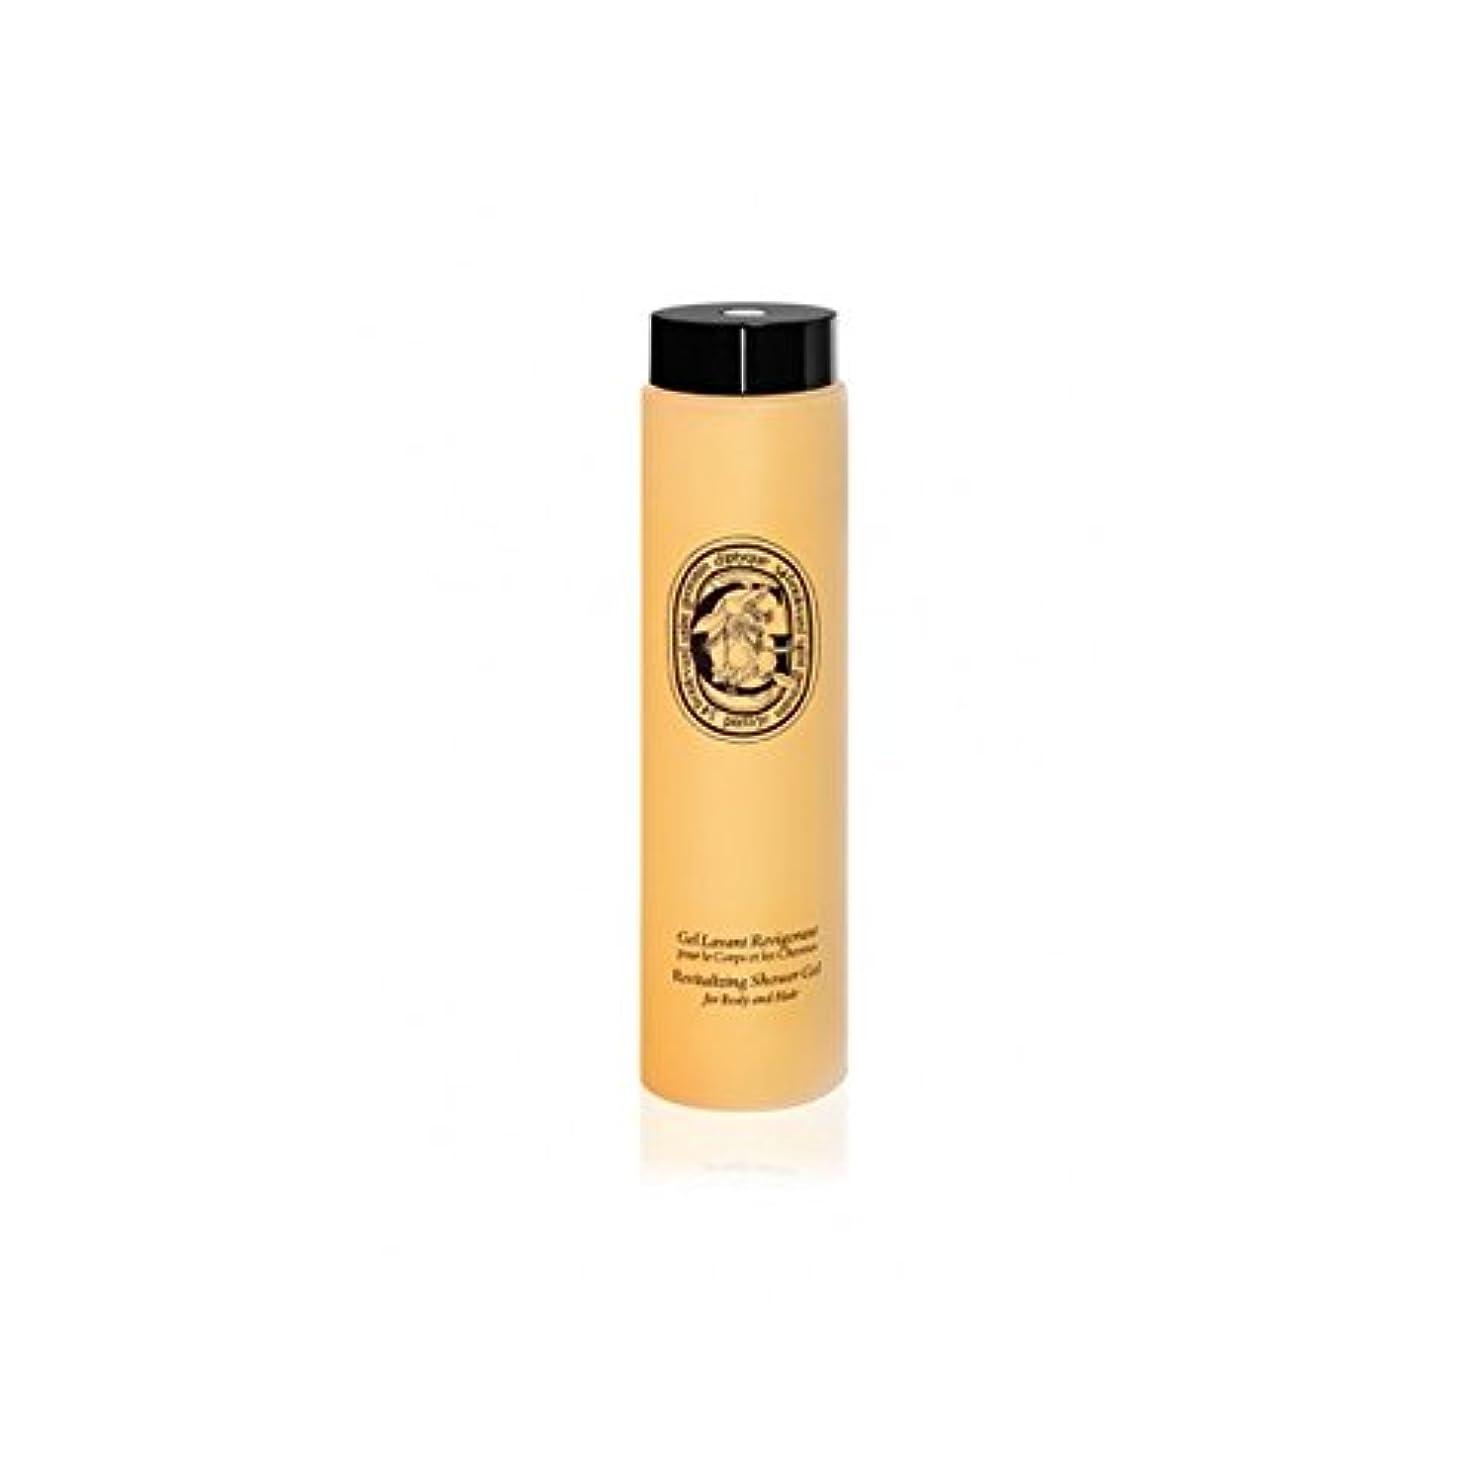 雨干し草ハンディキャップボディ、ヘア200ミリリットルのためDiptyqueのリバイタライジングシャワージェル - Diptyque Revitalizing Shower Gel For Body And Hair 200ml (Diptyque...